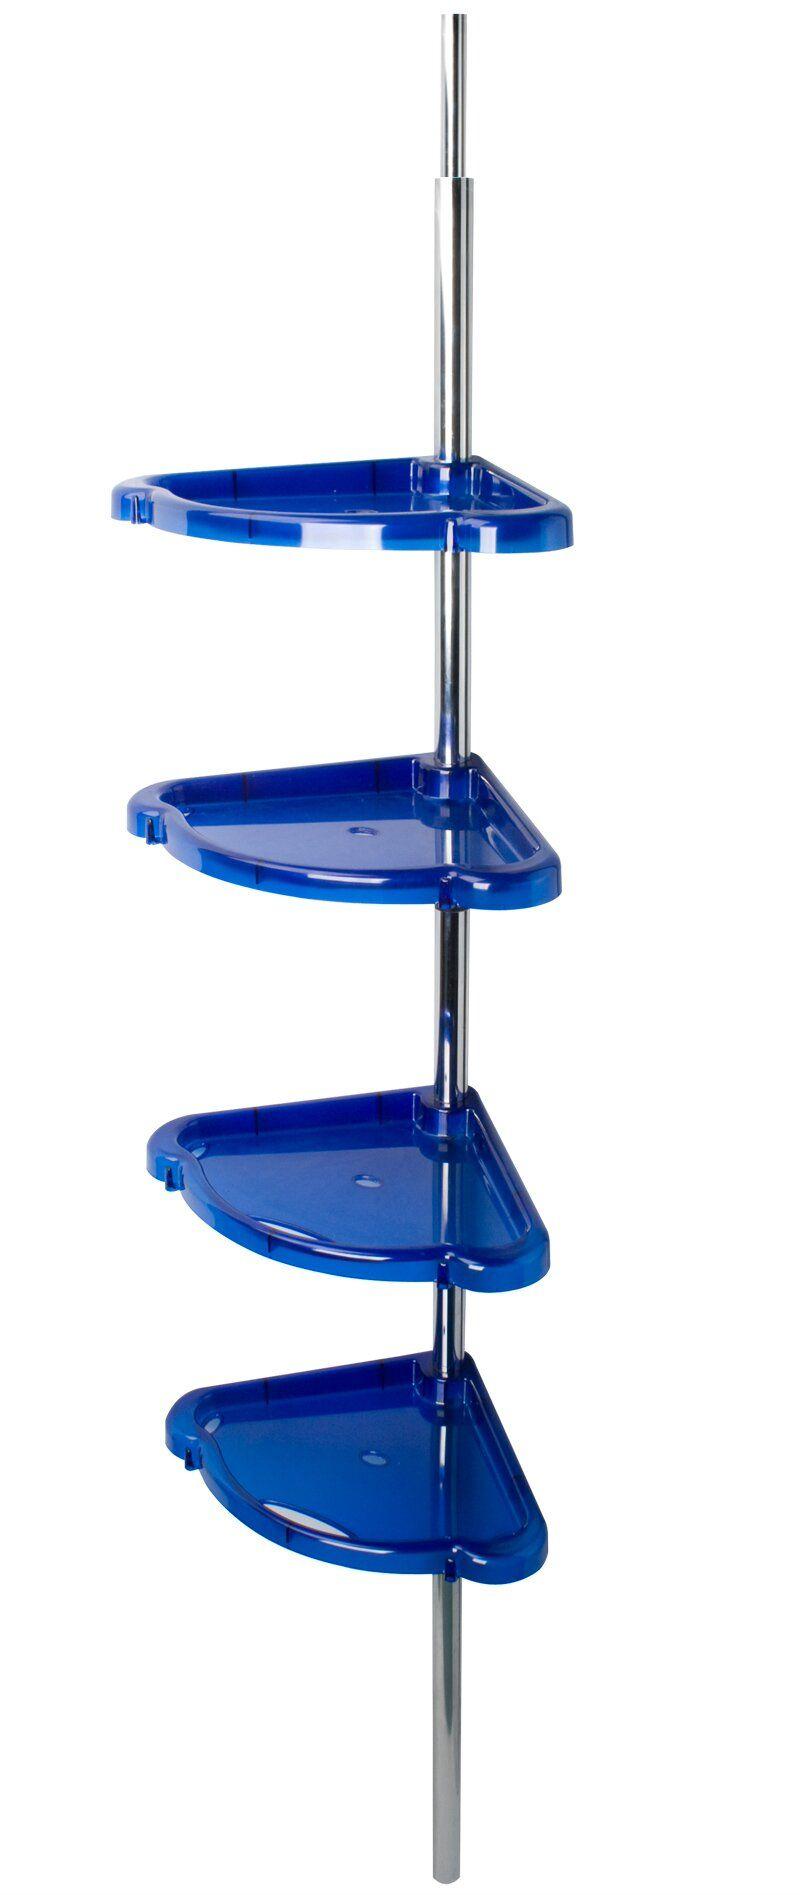 Полка для ванной комнаты Berossi Стелла, угловая, распорная, цвет: синий, 21 х 21 х 192 смАС 15410000Полка угловая распорная Стелла (синий полупрозрачный), 210х210, высота 192 ± 10 см., четыре вместительные пластиковые полки с крючками размещаются на хромированной опоре, возможно вращать полки вокруг опоры и регулировать по высоте. При установки изделия не нужно сверлить, опора прочно встает в распор между бортиком ванны и потолком.